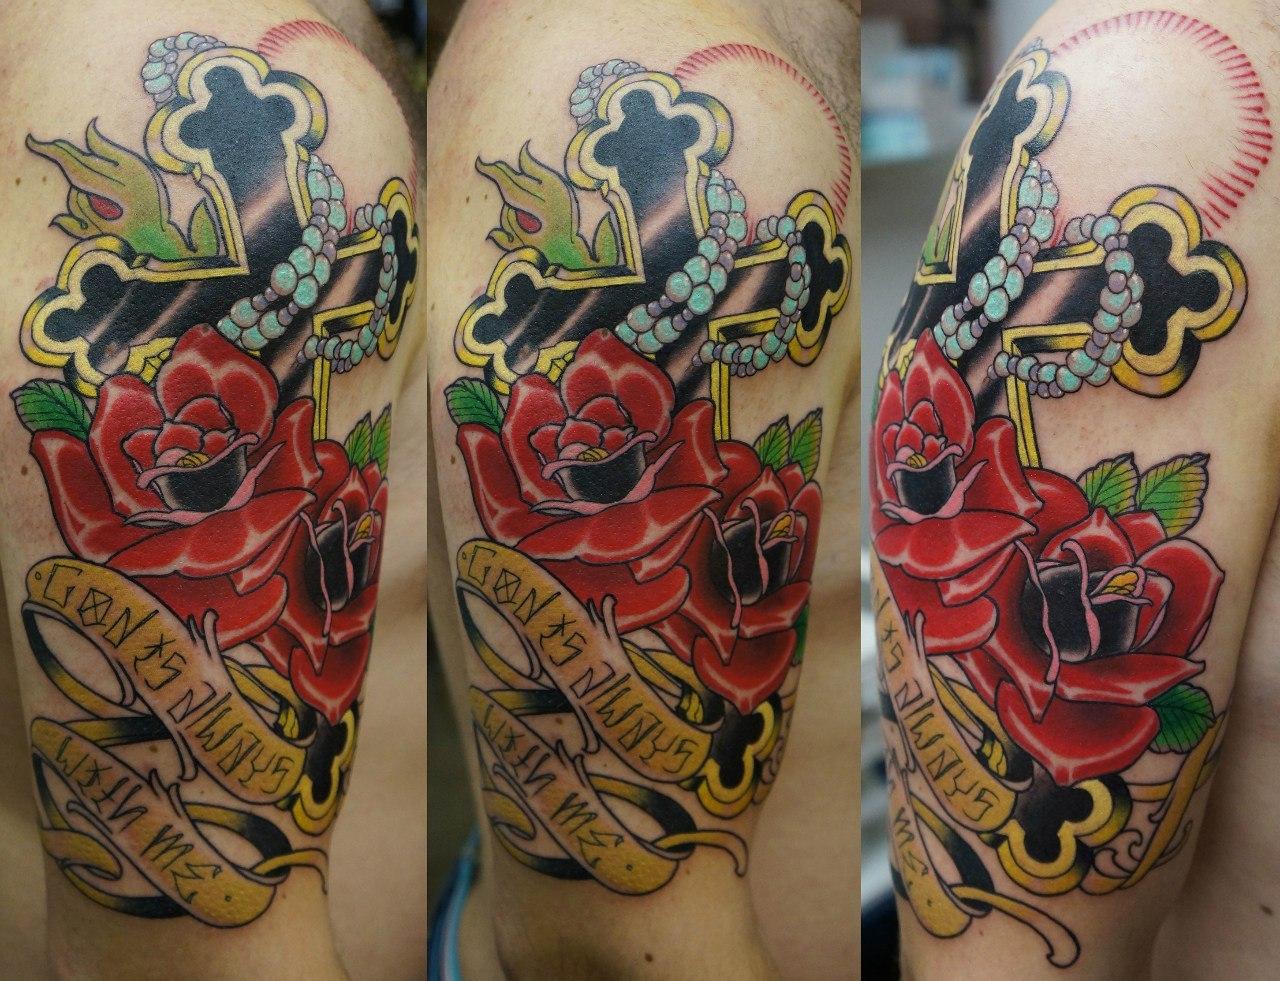 Татуировка в стиле олд скул фото